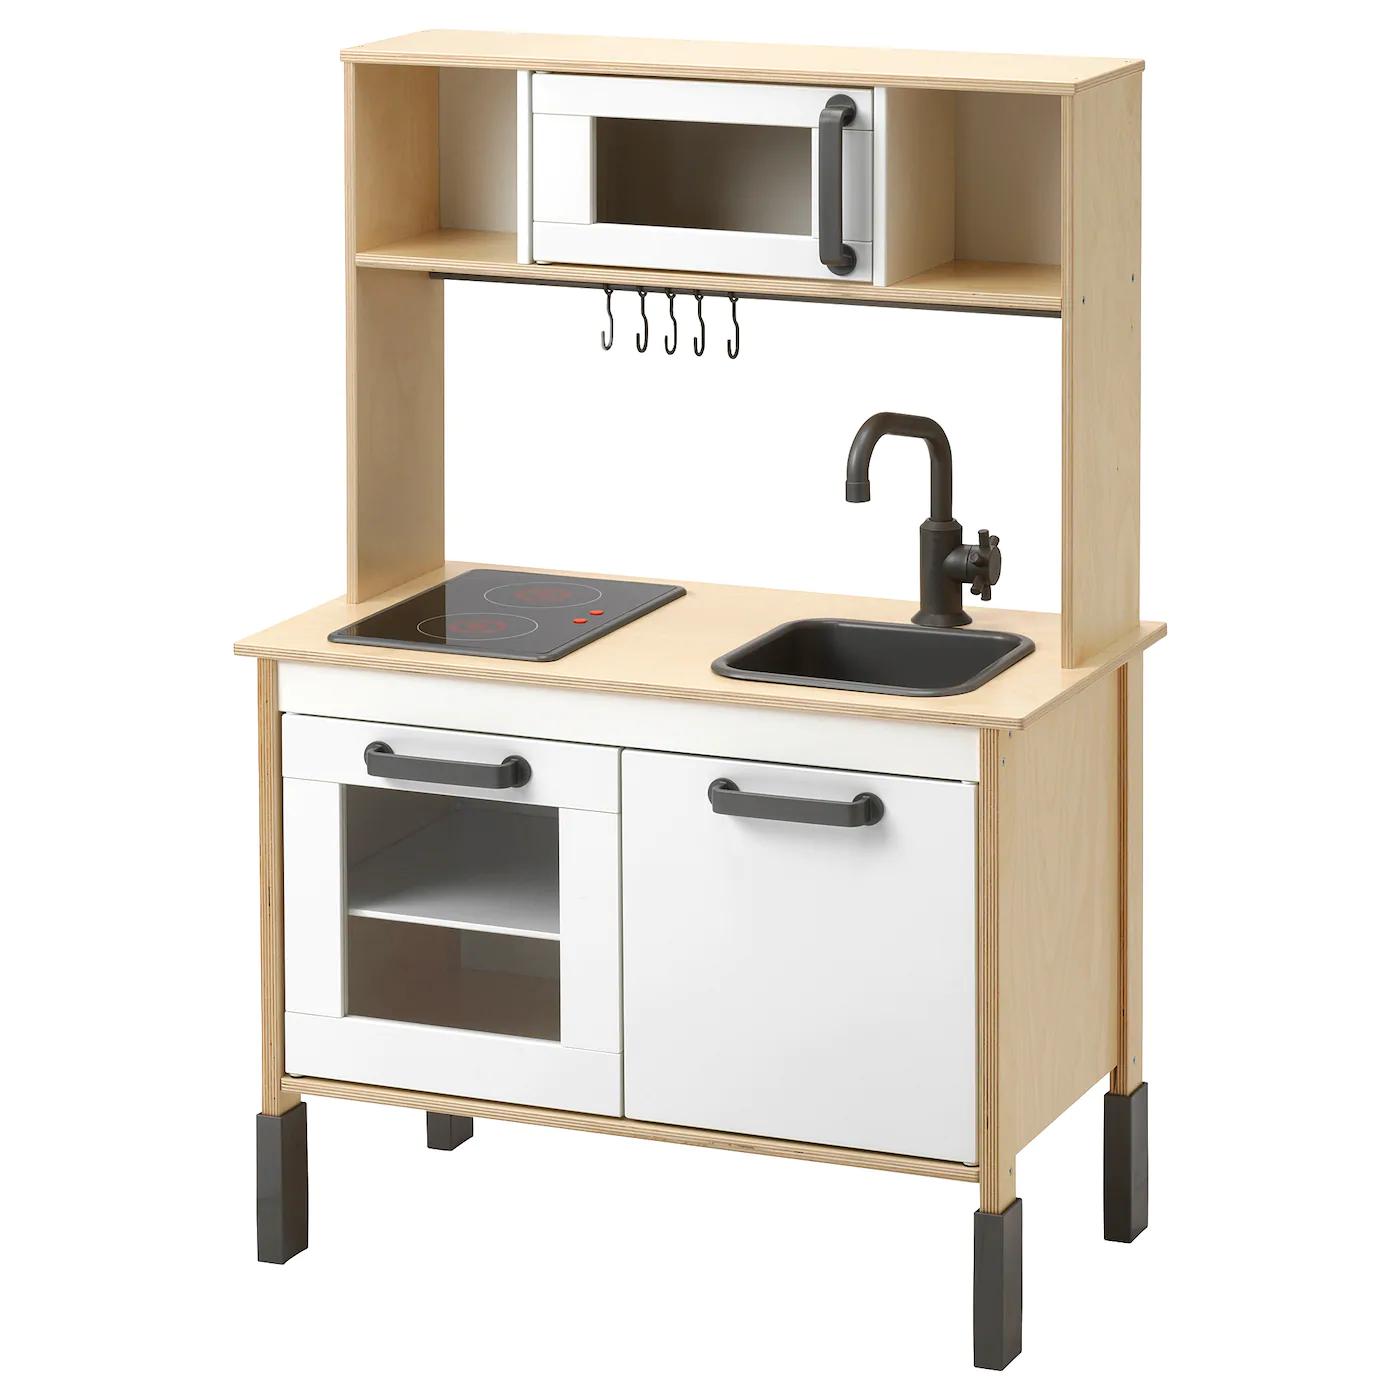 IKEA Spielküche DUKTIG (für Ikea Family und Buisness Mitglieder)